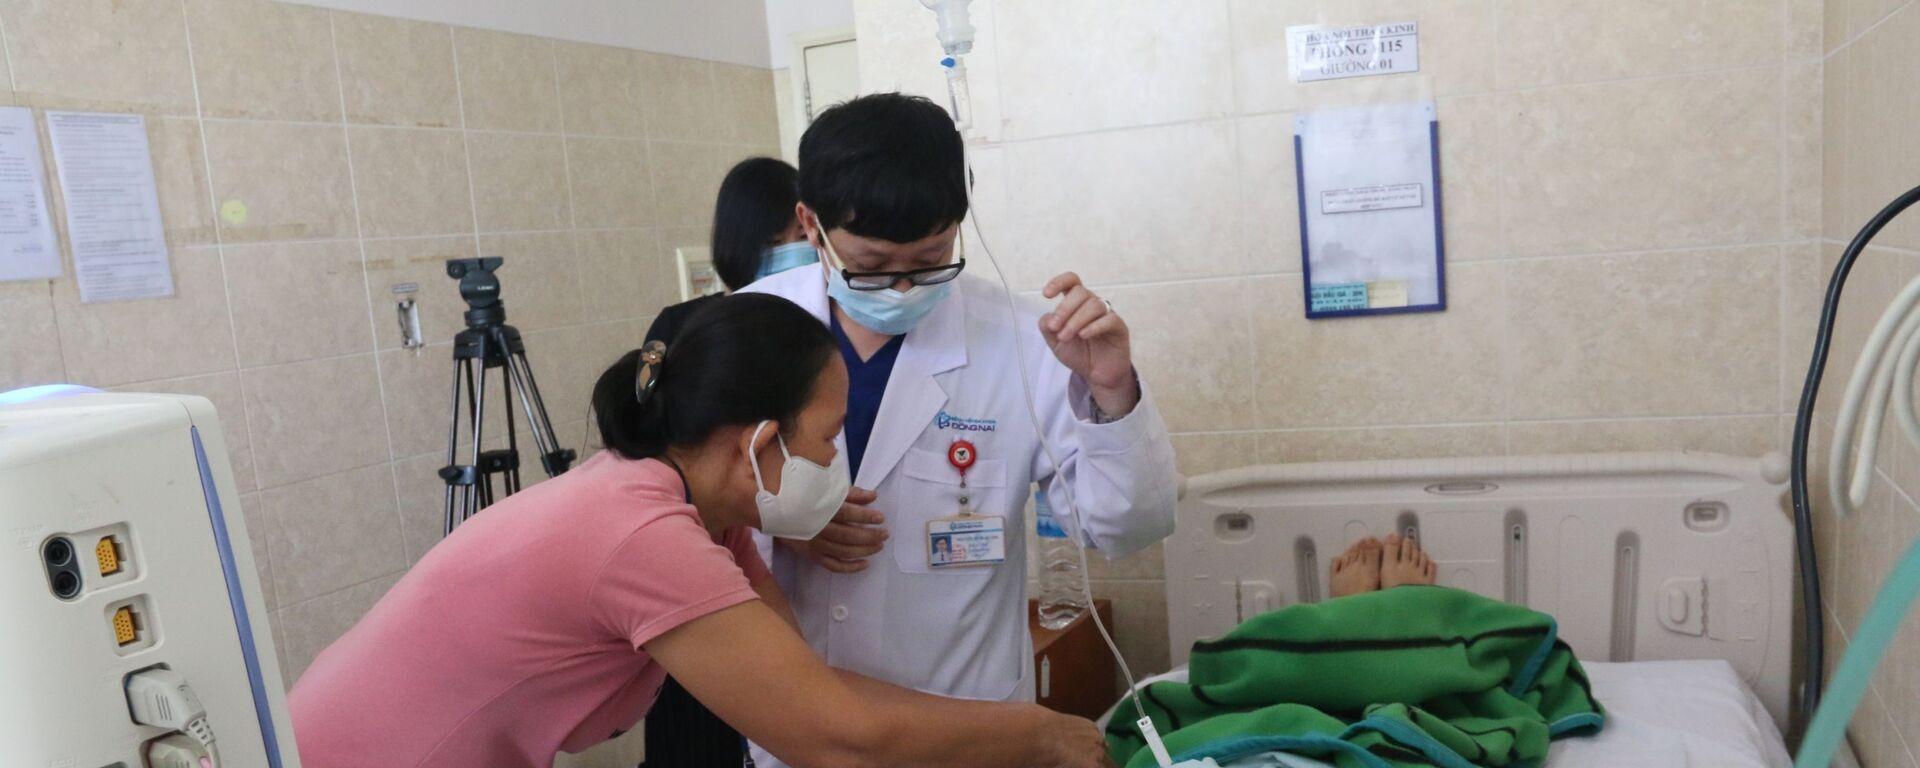 Bệnh nhân N.T.N.T được điều trị tích cực tại Bệnh viện đa khoa Đồng Nai - Sputnik Việt Nam, 1920, 12.09.2020